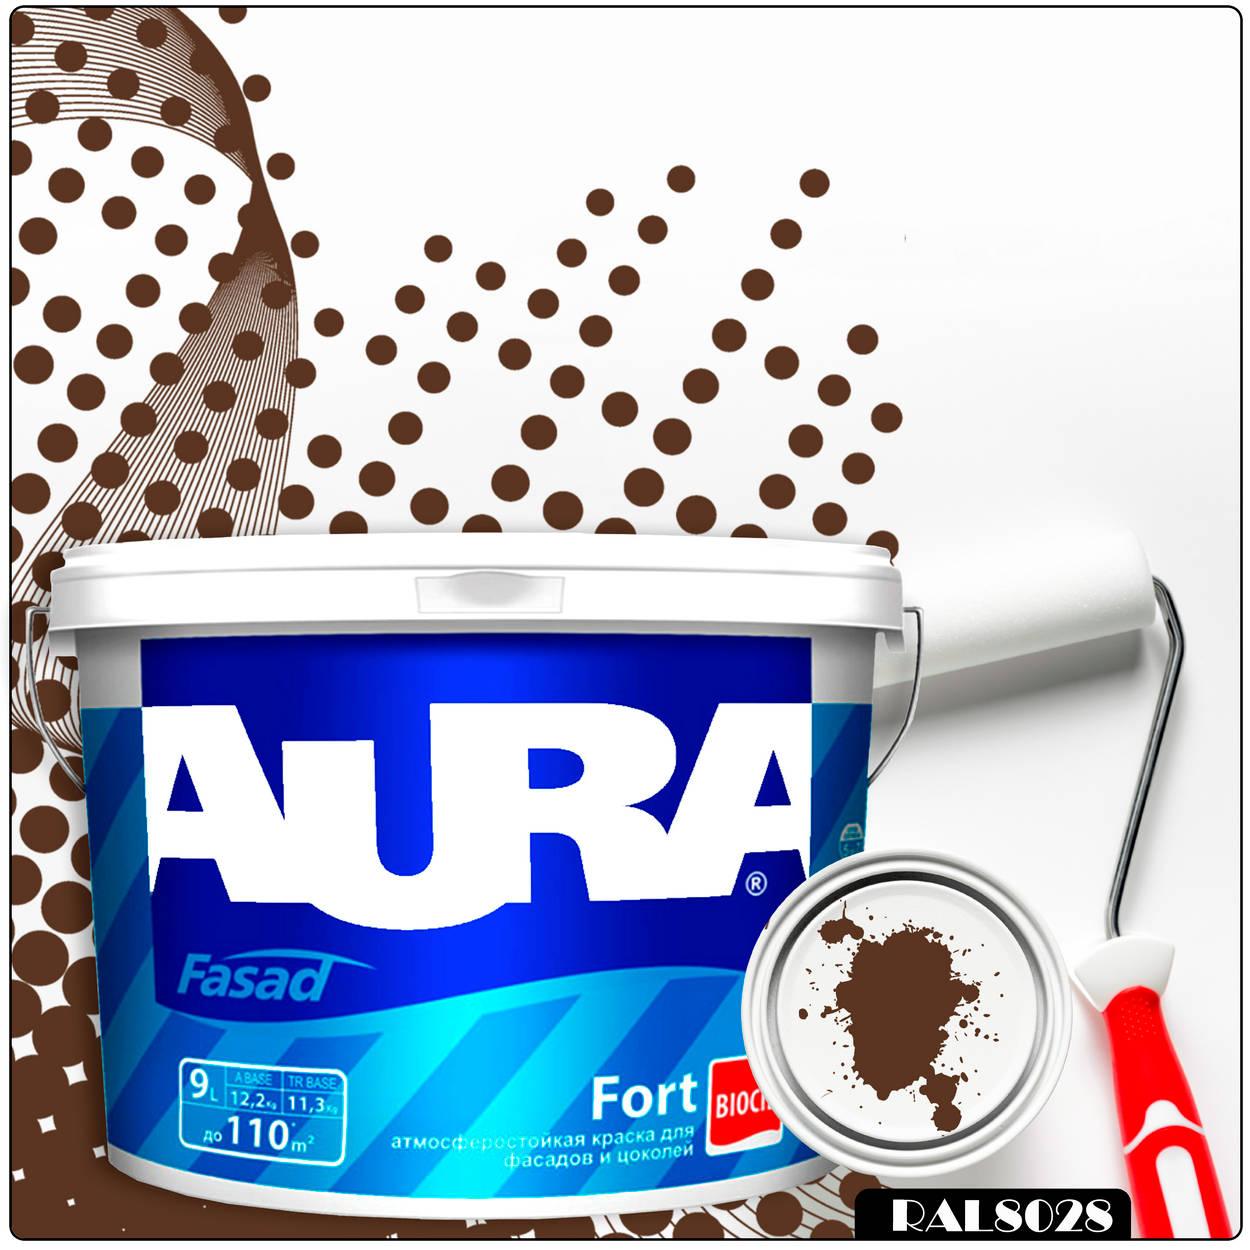 Фото 18 - Краска Aura Fasad Fort, RAL 8028 Терракотовый, латексная, матовая, для фасада и цоколей, 9л, Аура.